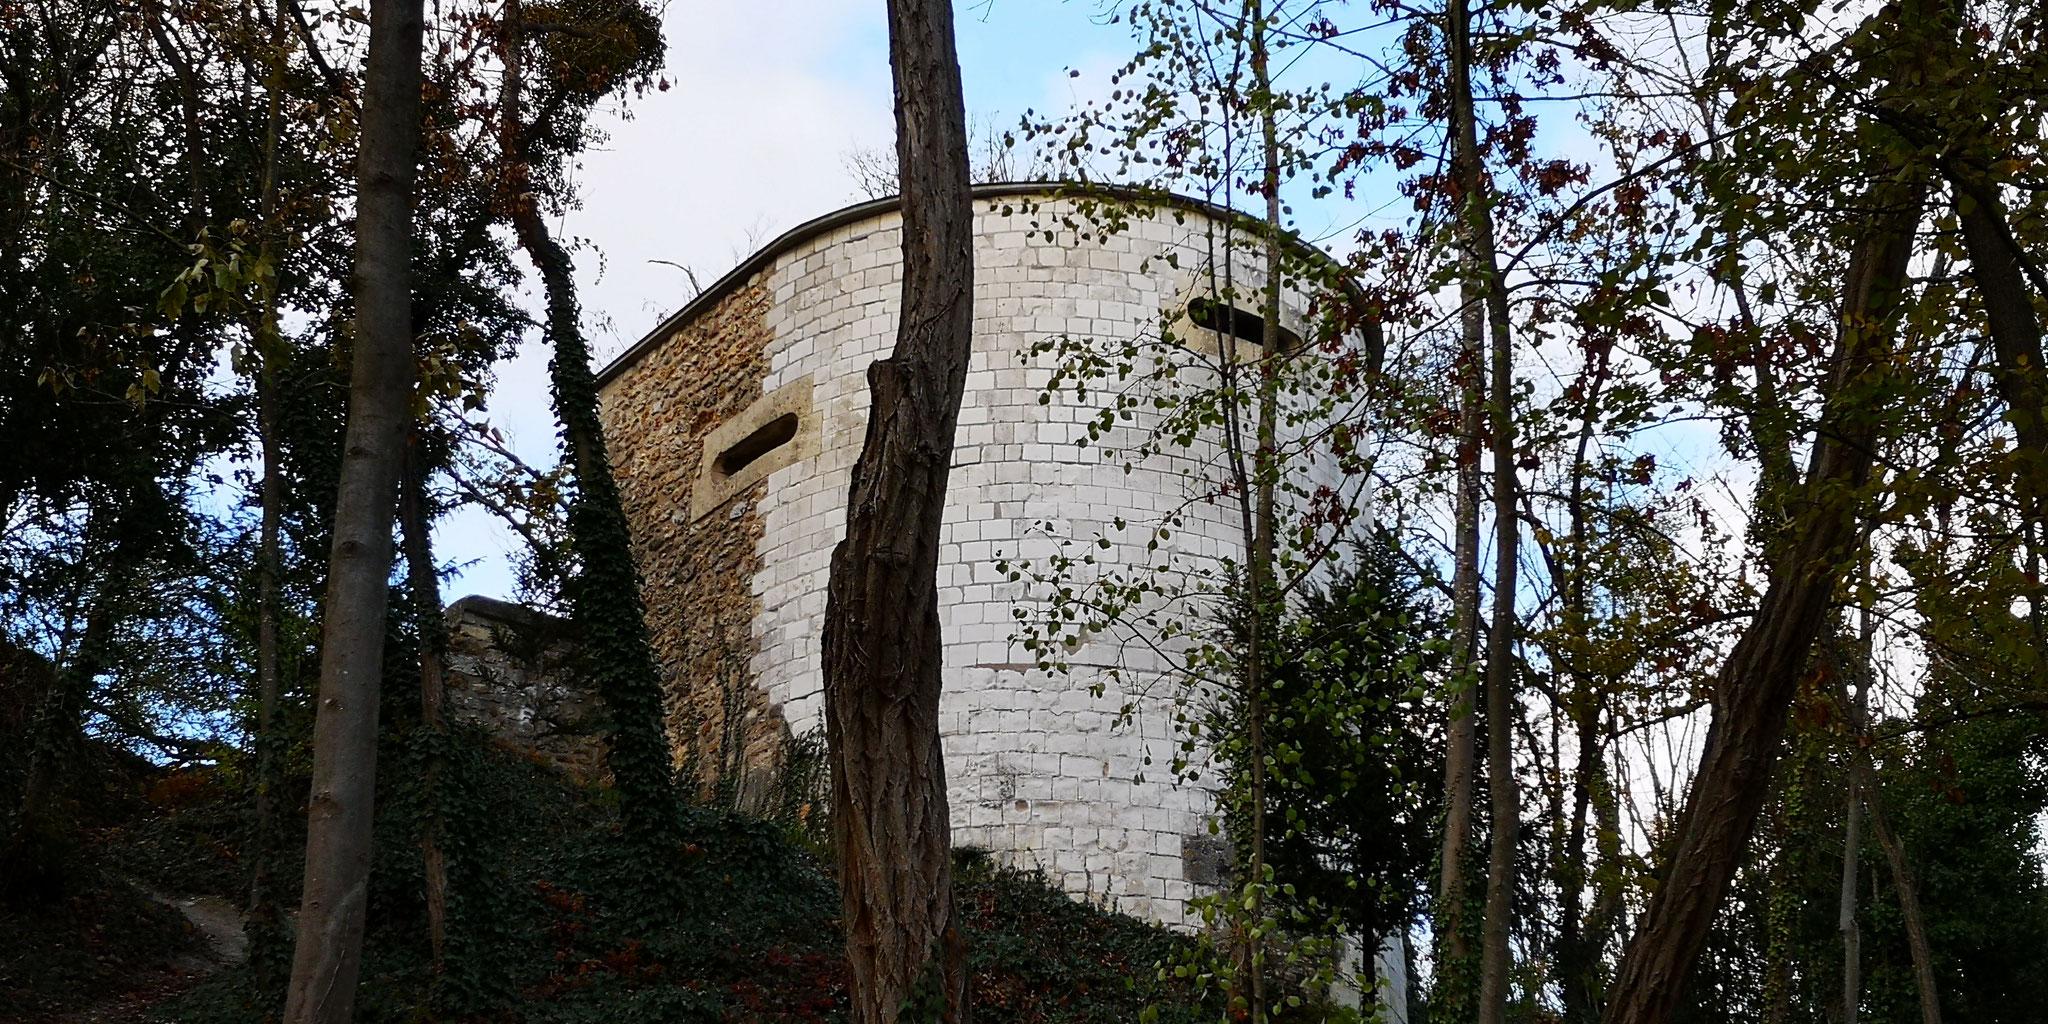 La tour du Puit